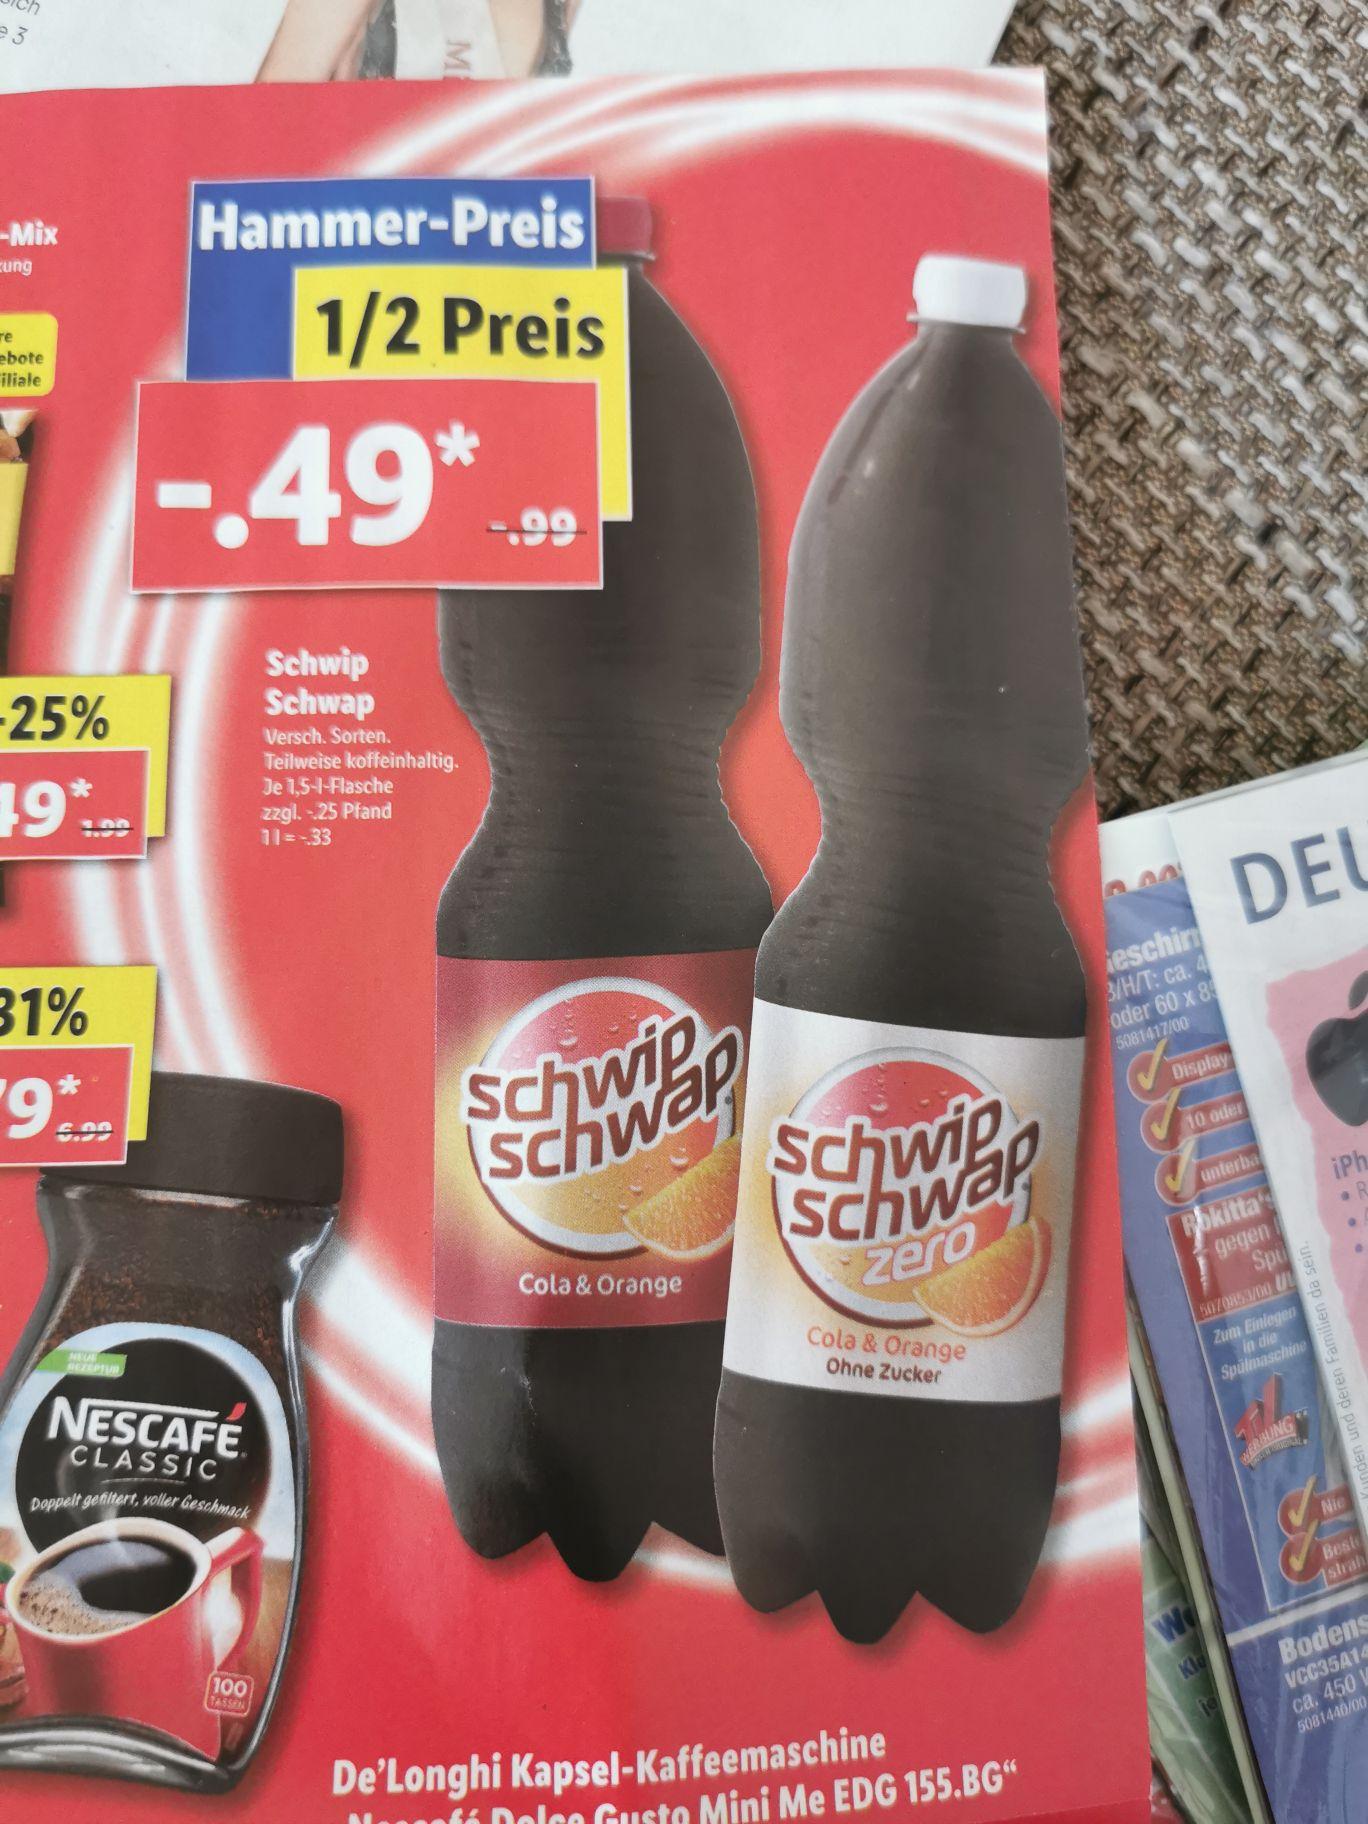 Schwip Schwap (versch. Sorten) - je 1,5 l. Flasche für 0,49 € (zzgl. Pfand) ab 17.6 [LIDL]